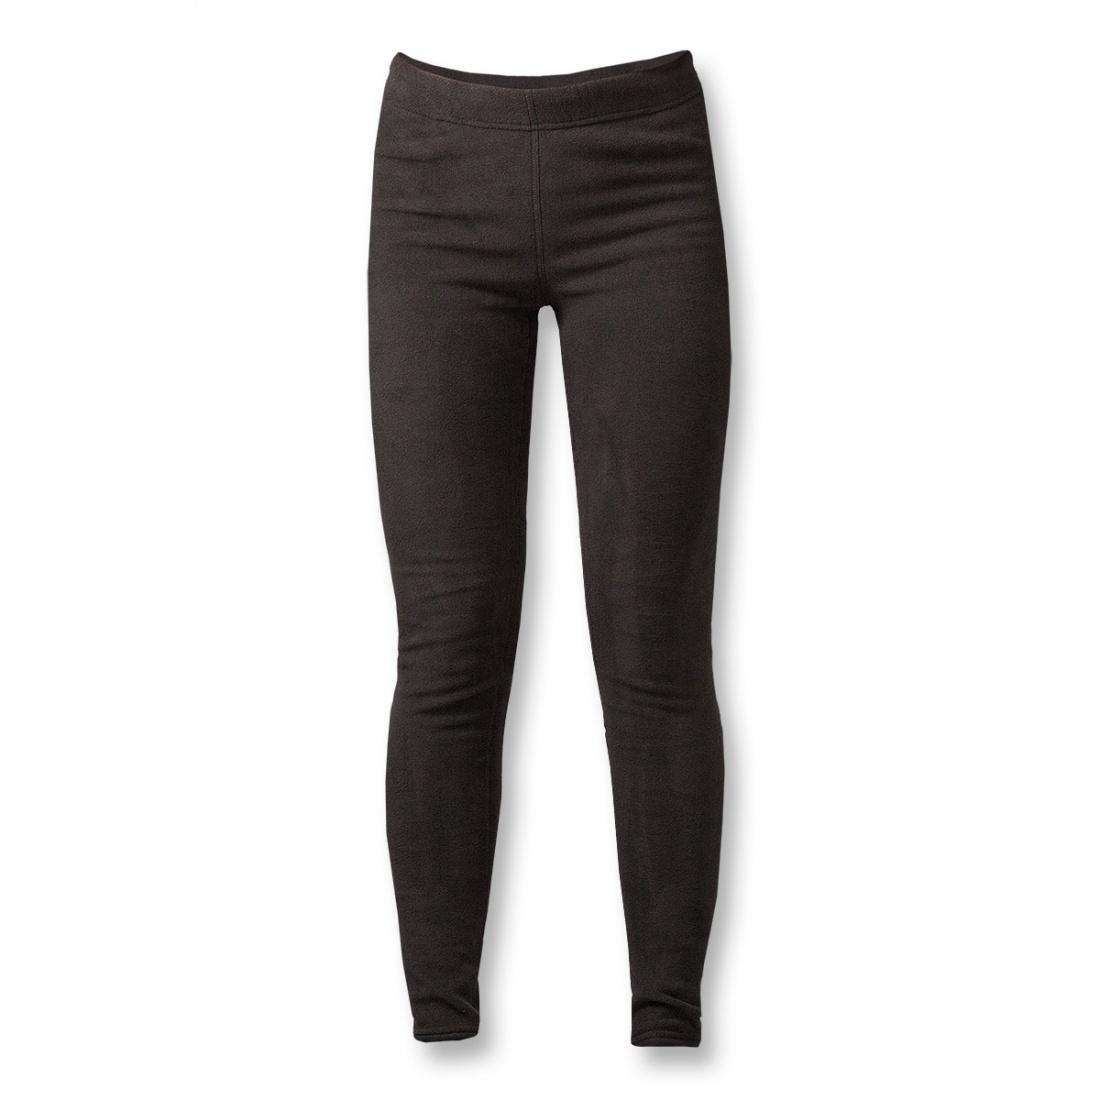 Фото - Термобелье брюки Penguin 100 Micro Женские от Red Fox Термобелье брюки женские Penguin 100 Micro Черный